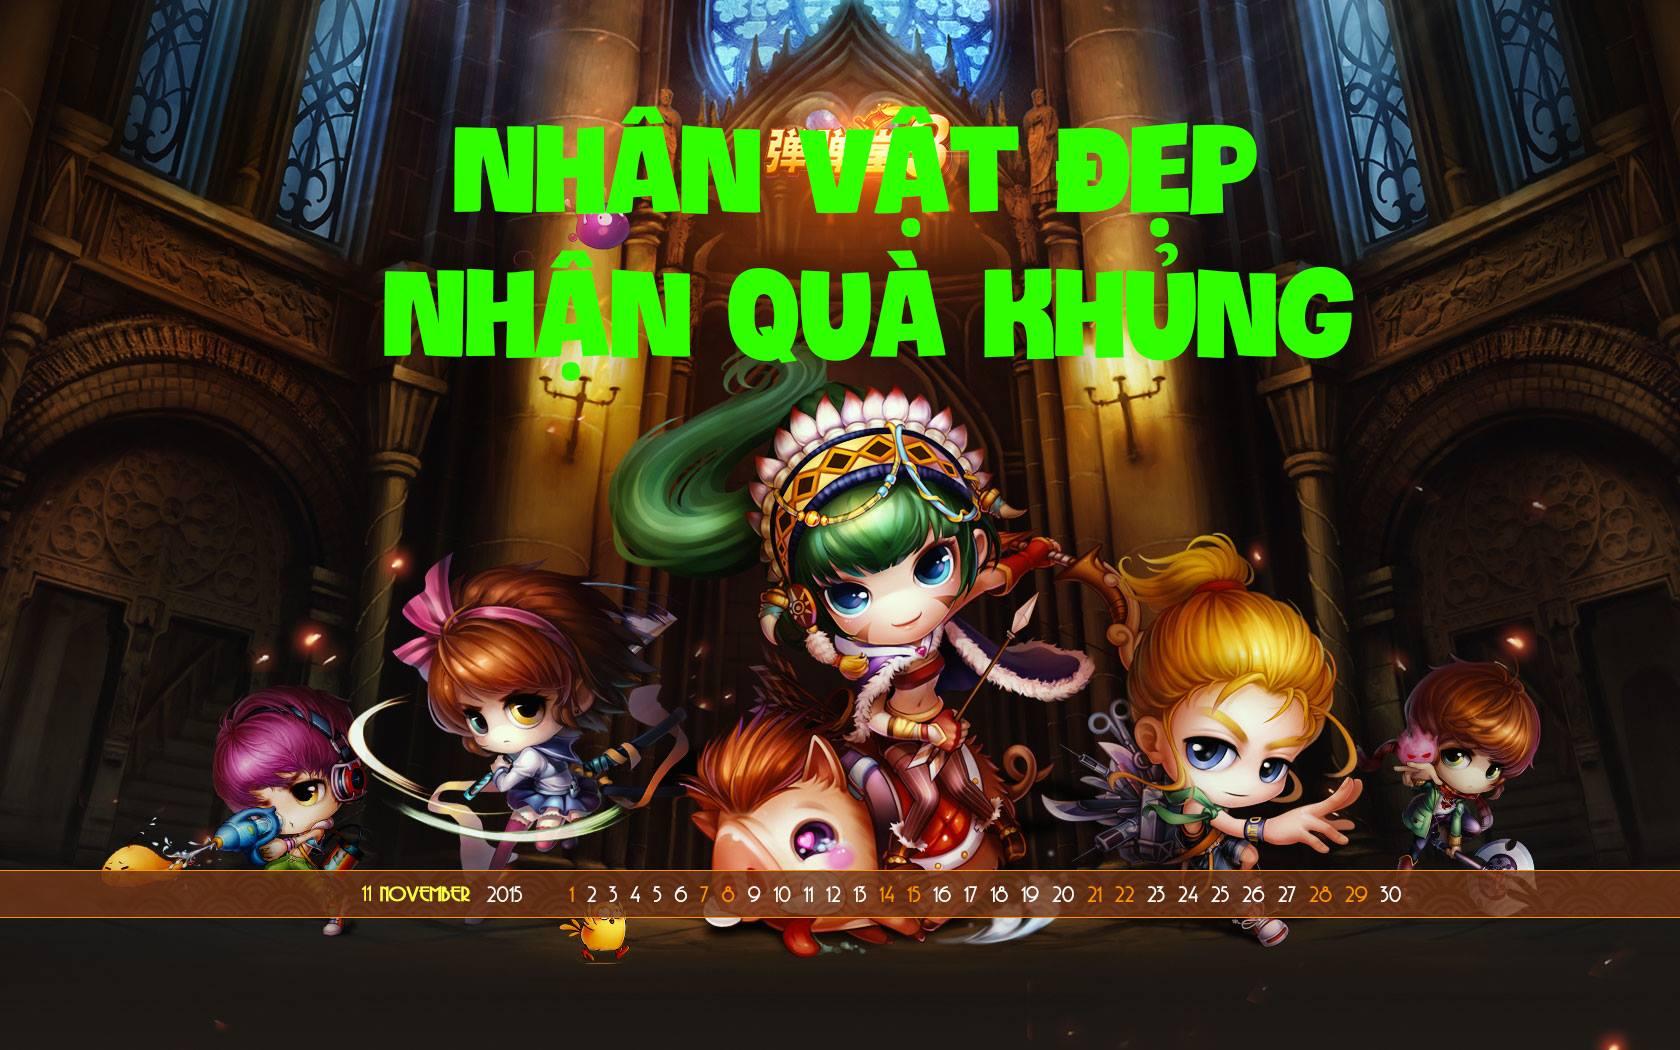 Anh Gunny Lau